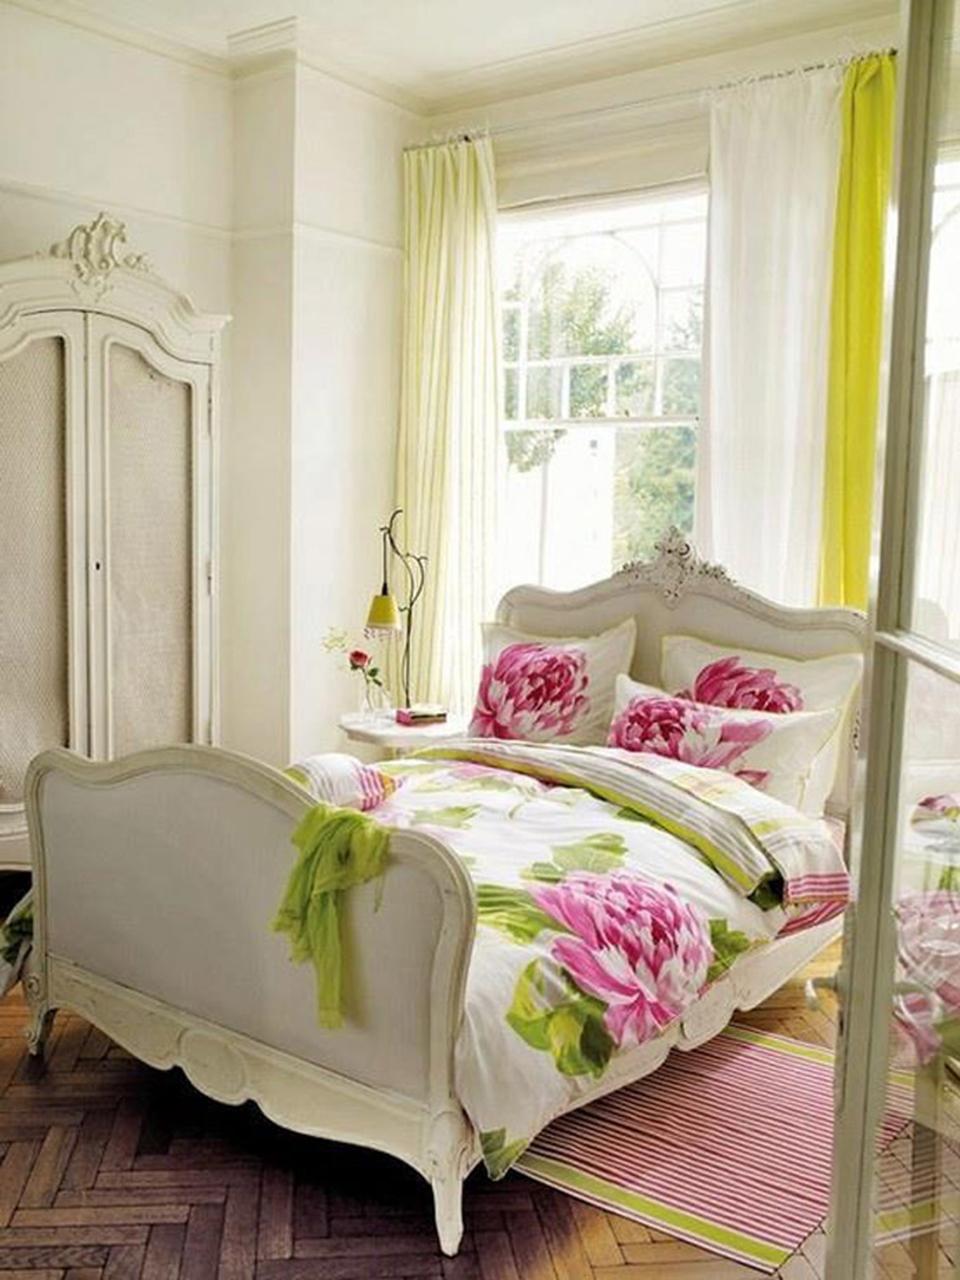 cores-verao-moveis-paredes-casa-decoracao-16